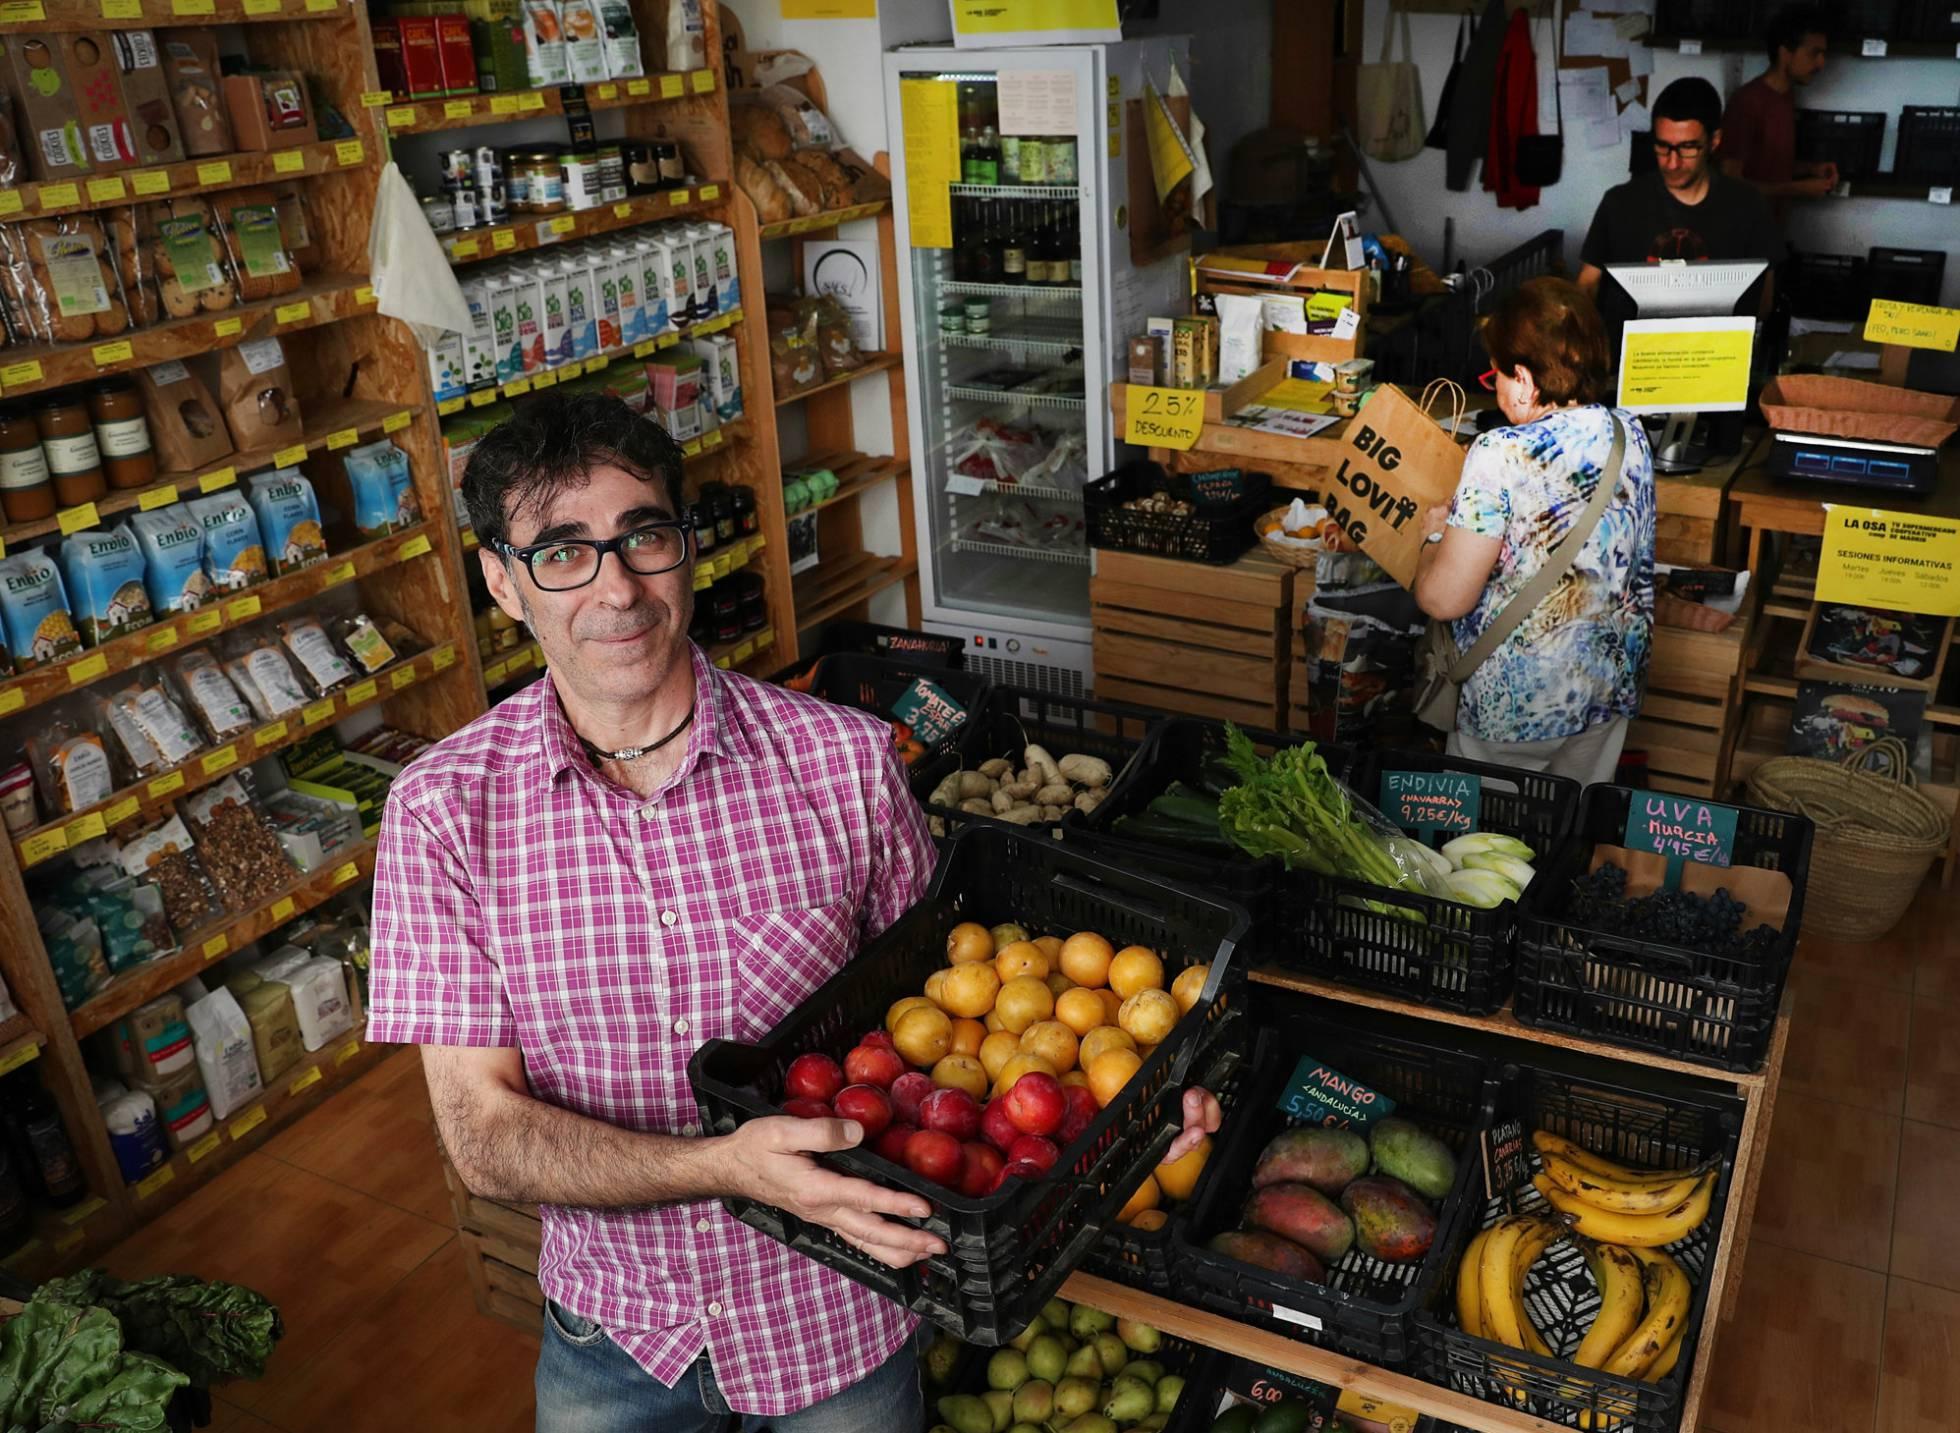 Кооперативные супермаркеты, где покупатель превращается в хозяина, завоевывают Испанию